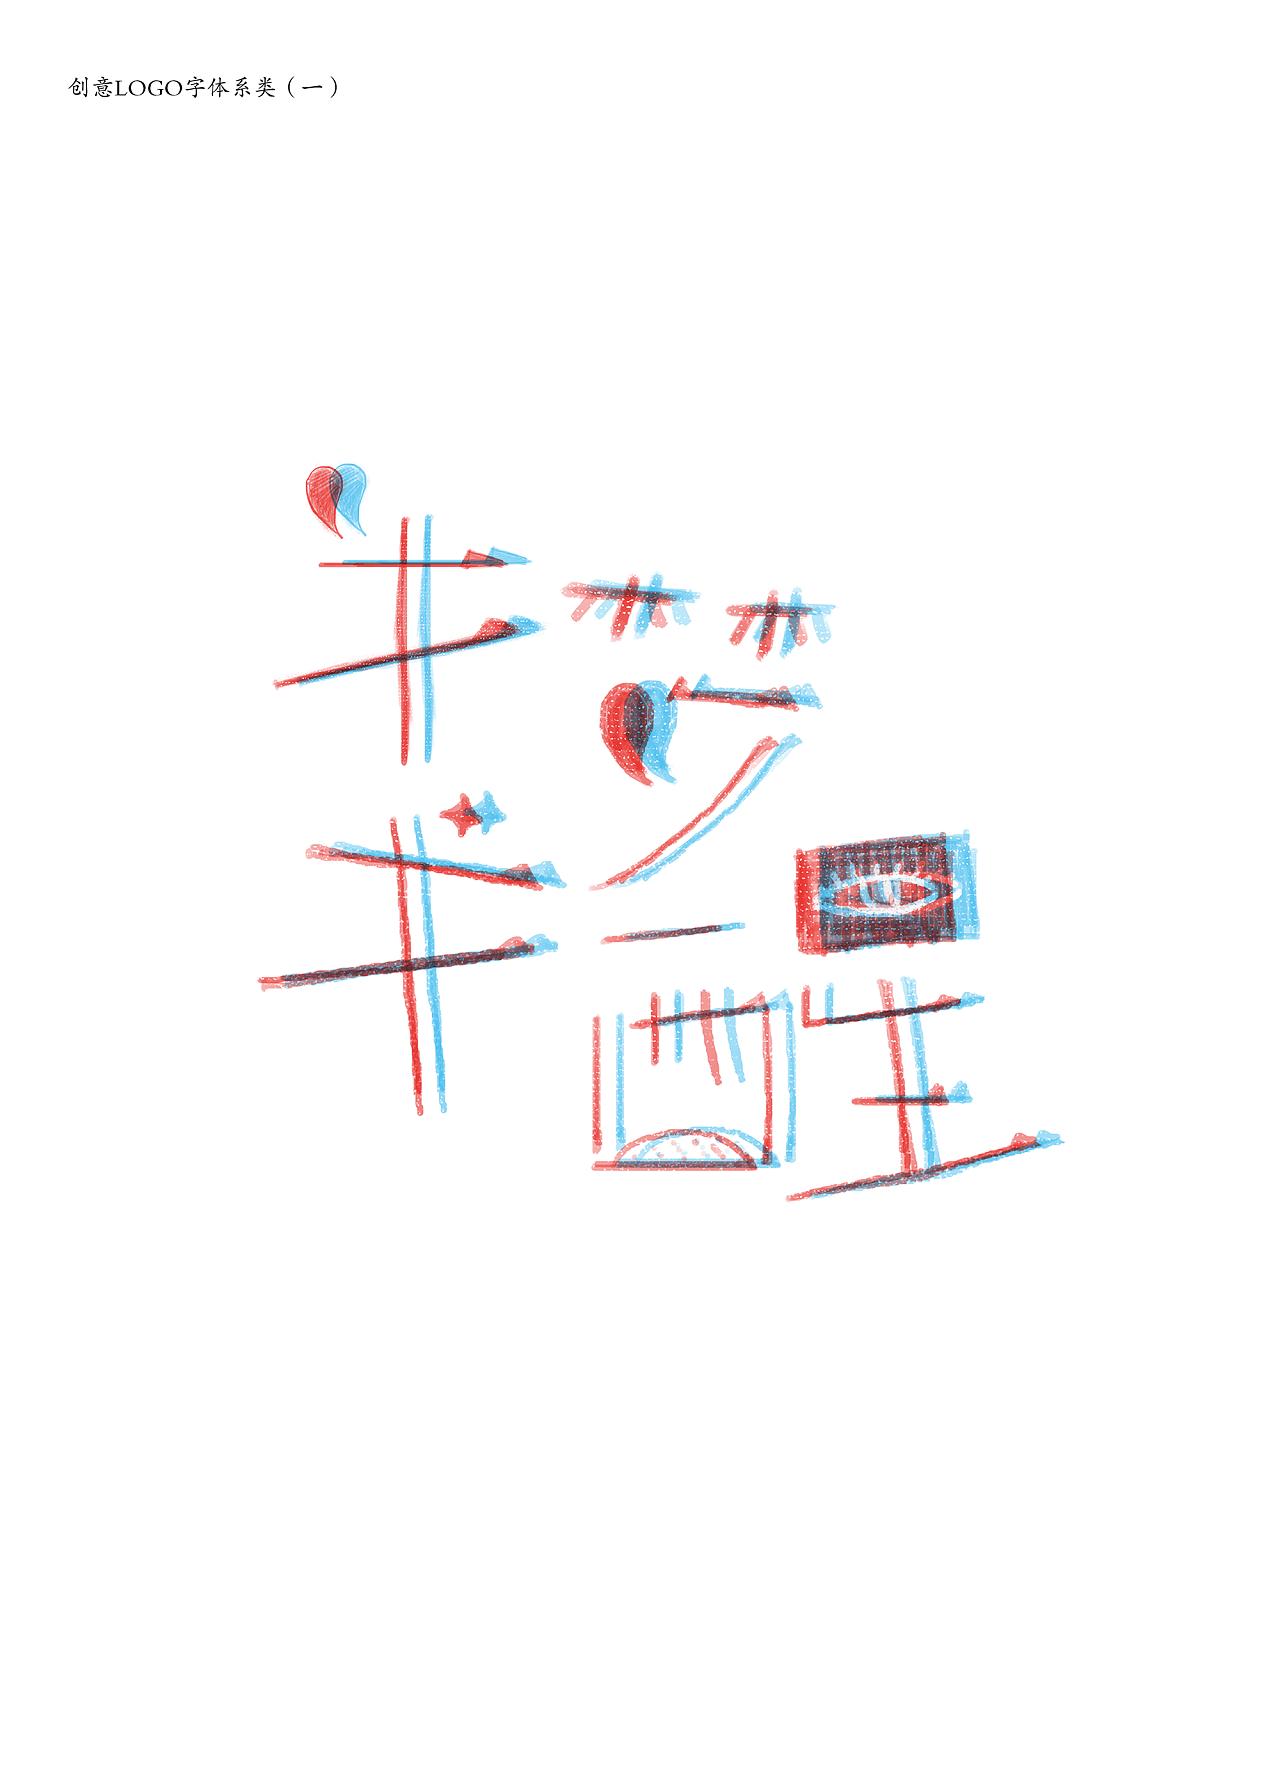 创意LOGO番茄v番茄|字体|字形/字体|小怪试题-autocad平面设计平面图片